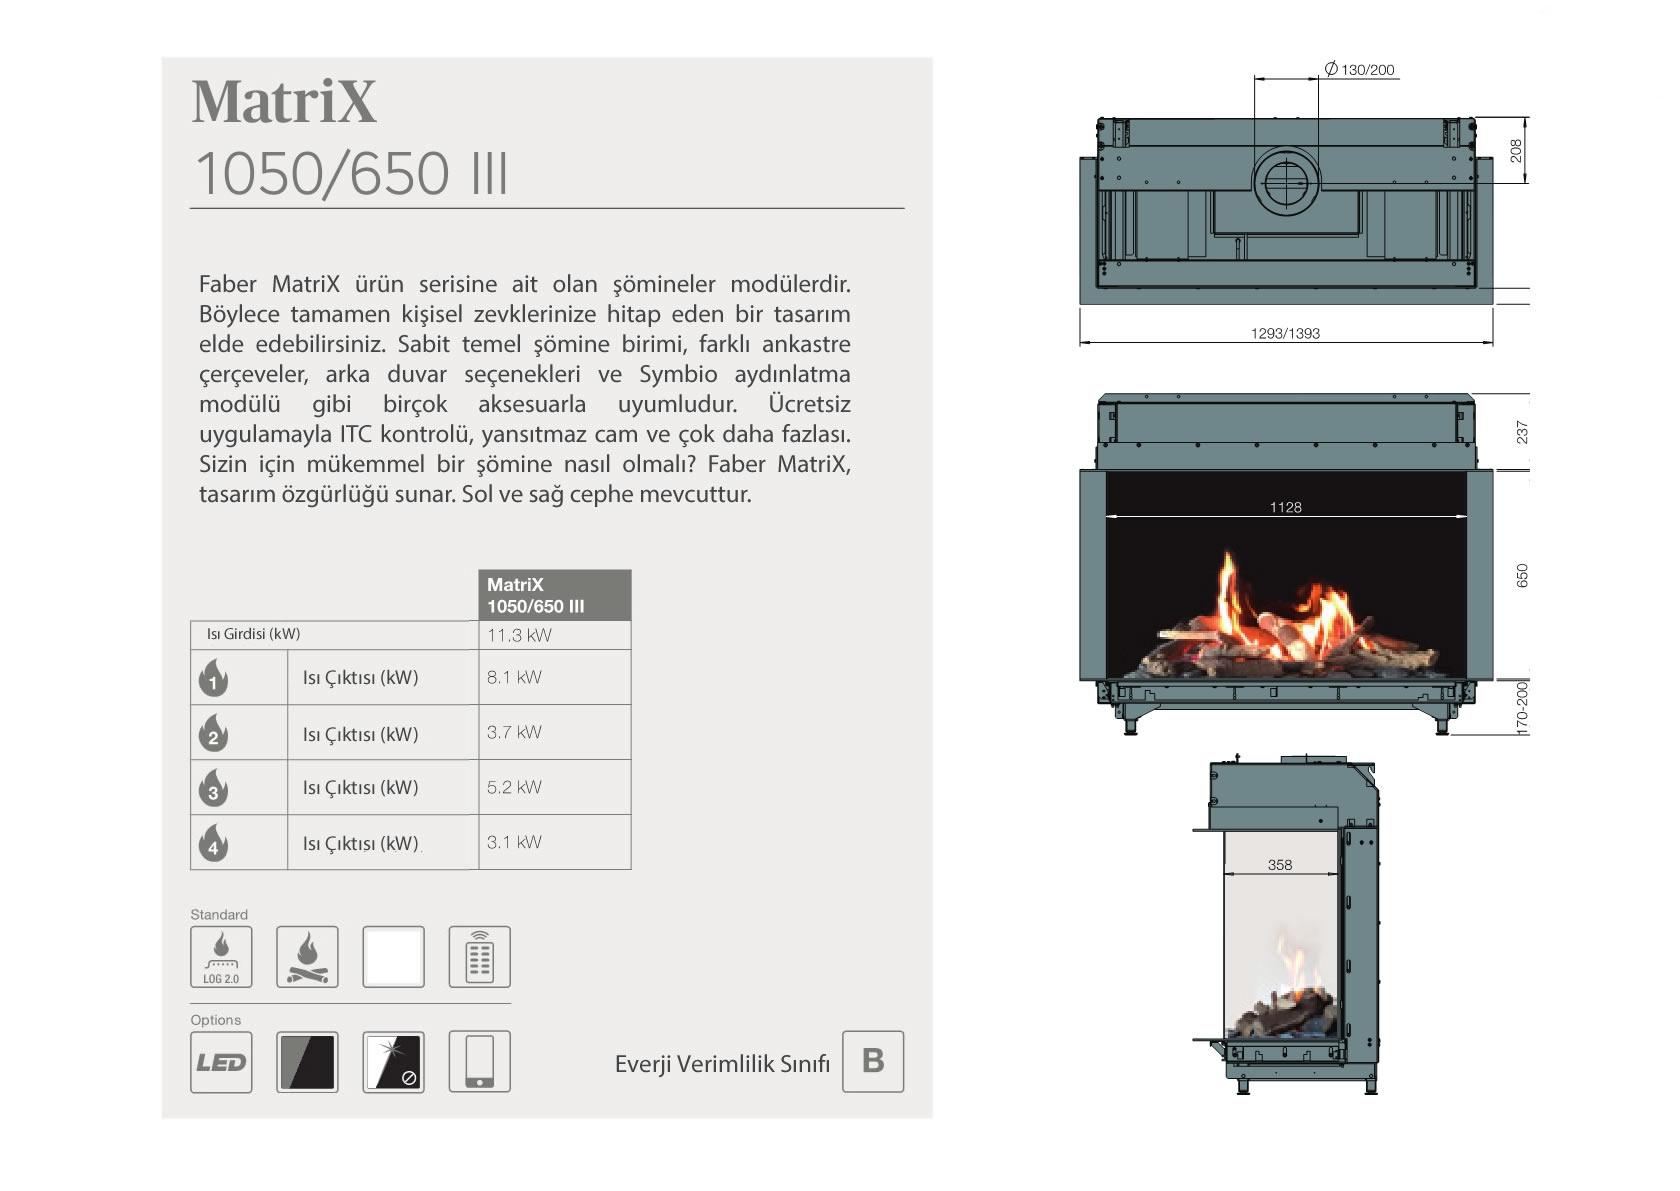 Faber Doğalgazlı Şömineler - MATRİX 1050 / 650 III